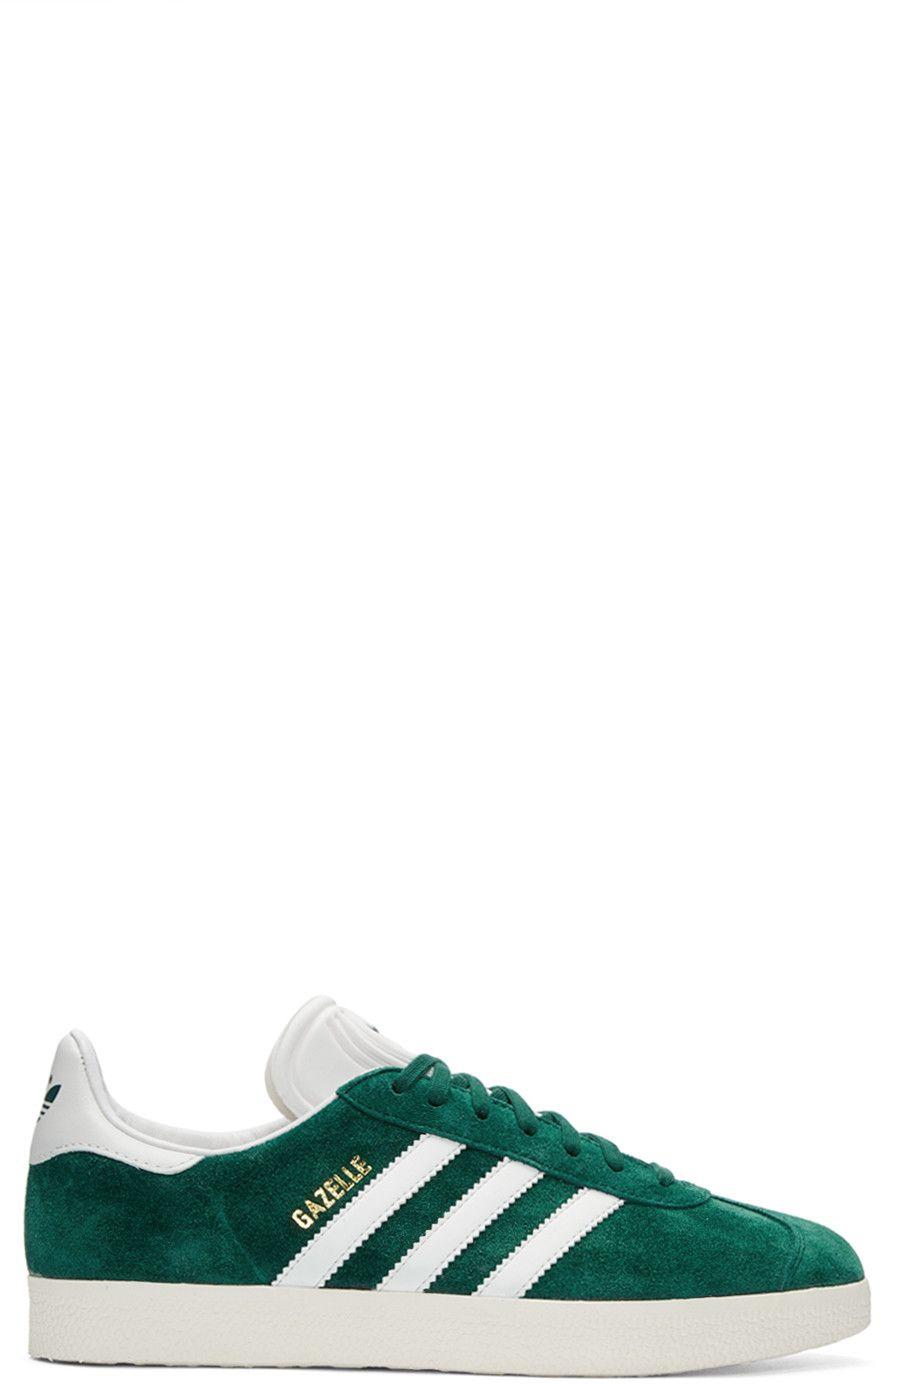 best sneakers 2d071 f5eca ADIDAS ORIGINALS Green Suede Gazelle Og Sneakers.  adidasoriginals  shoes   sneakers